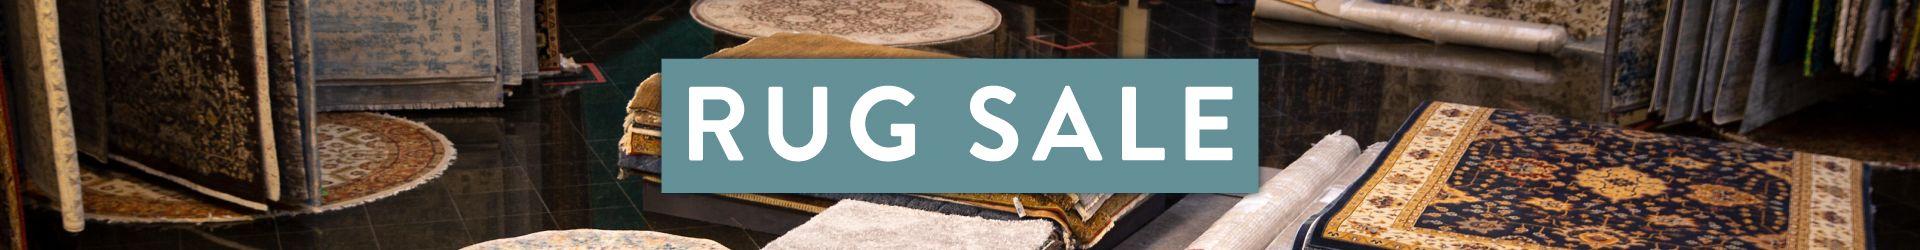 rug sale banner